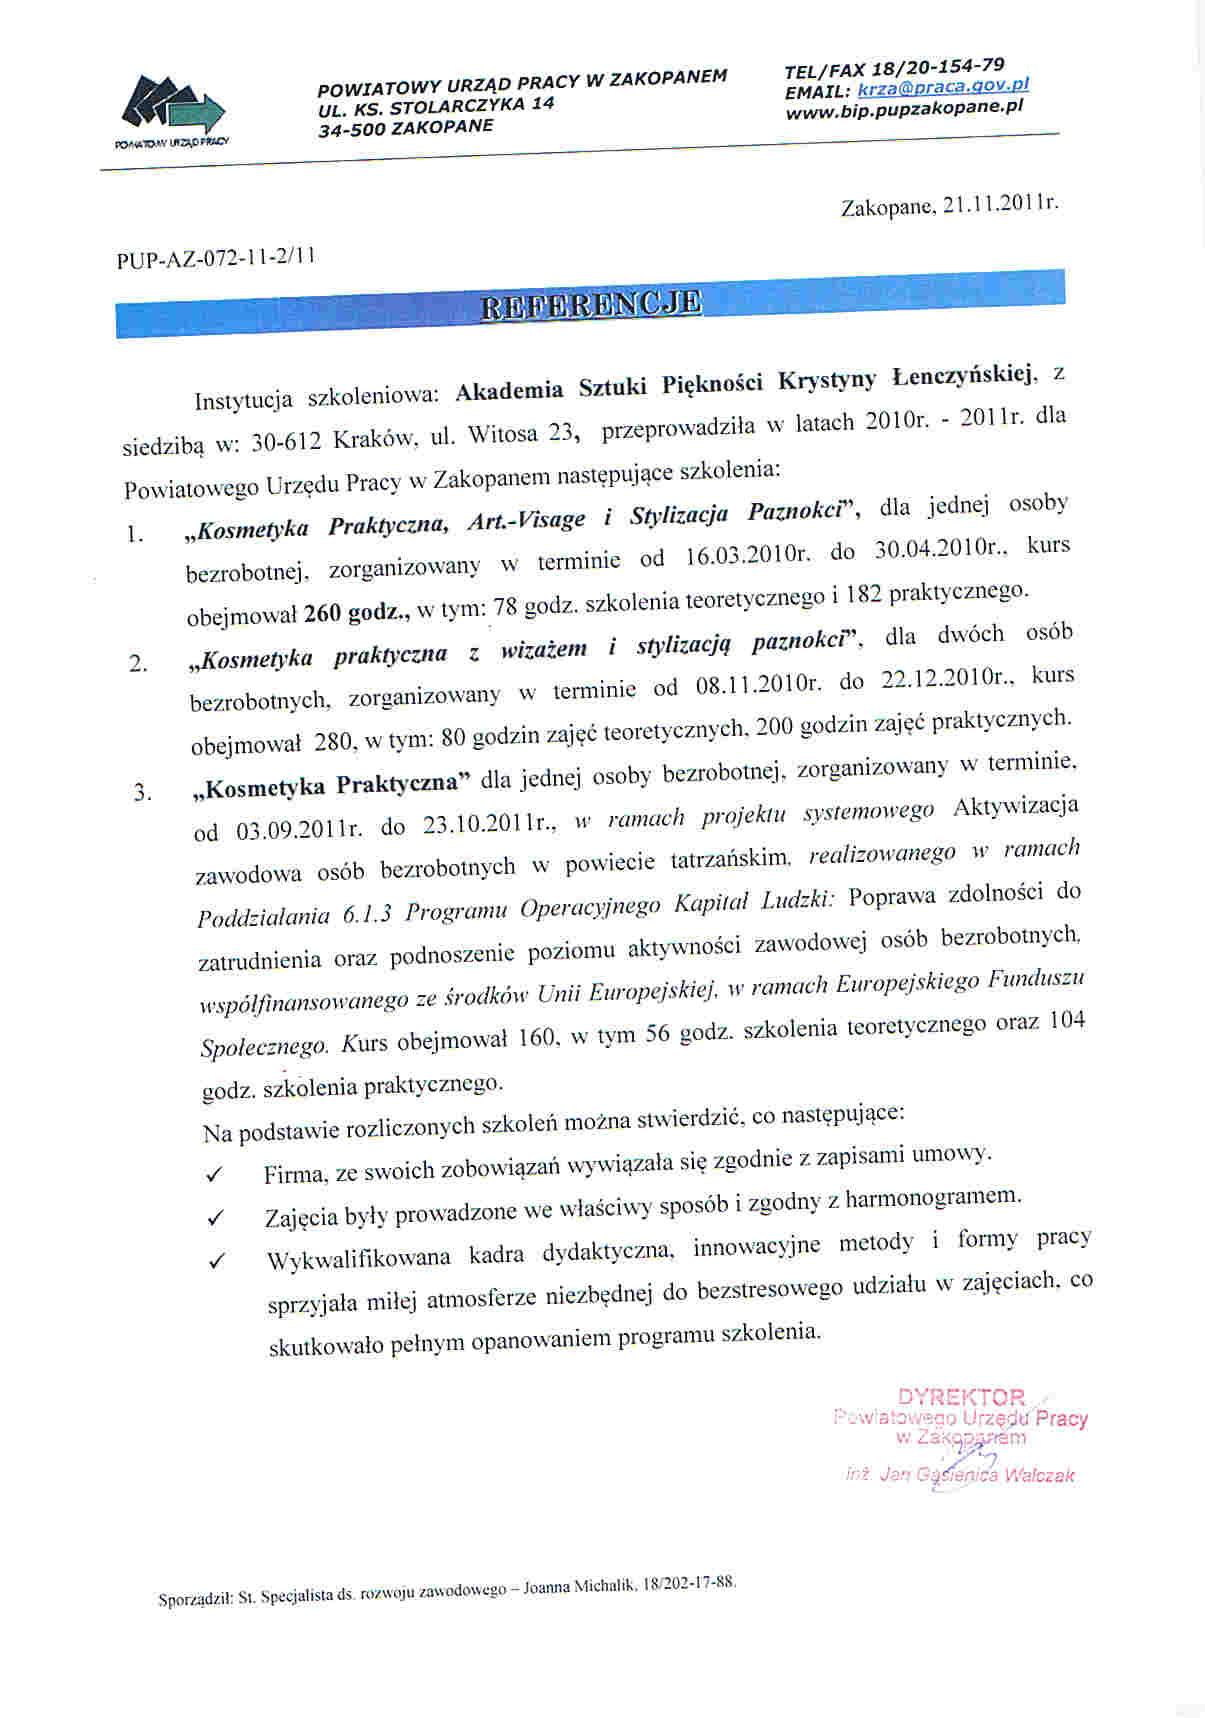 Powiatowy Urząd Pracy w Zakopanem-Zakopane